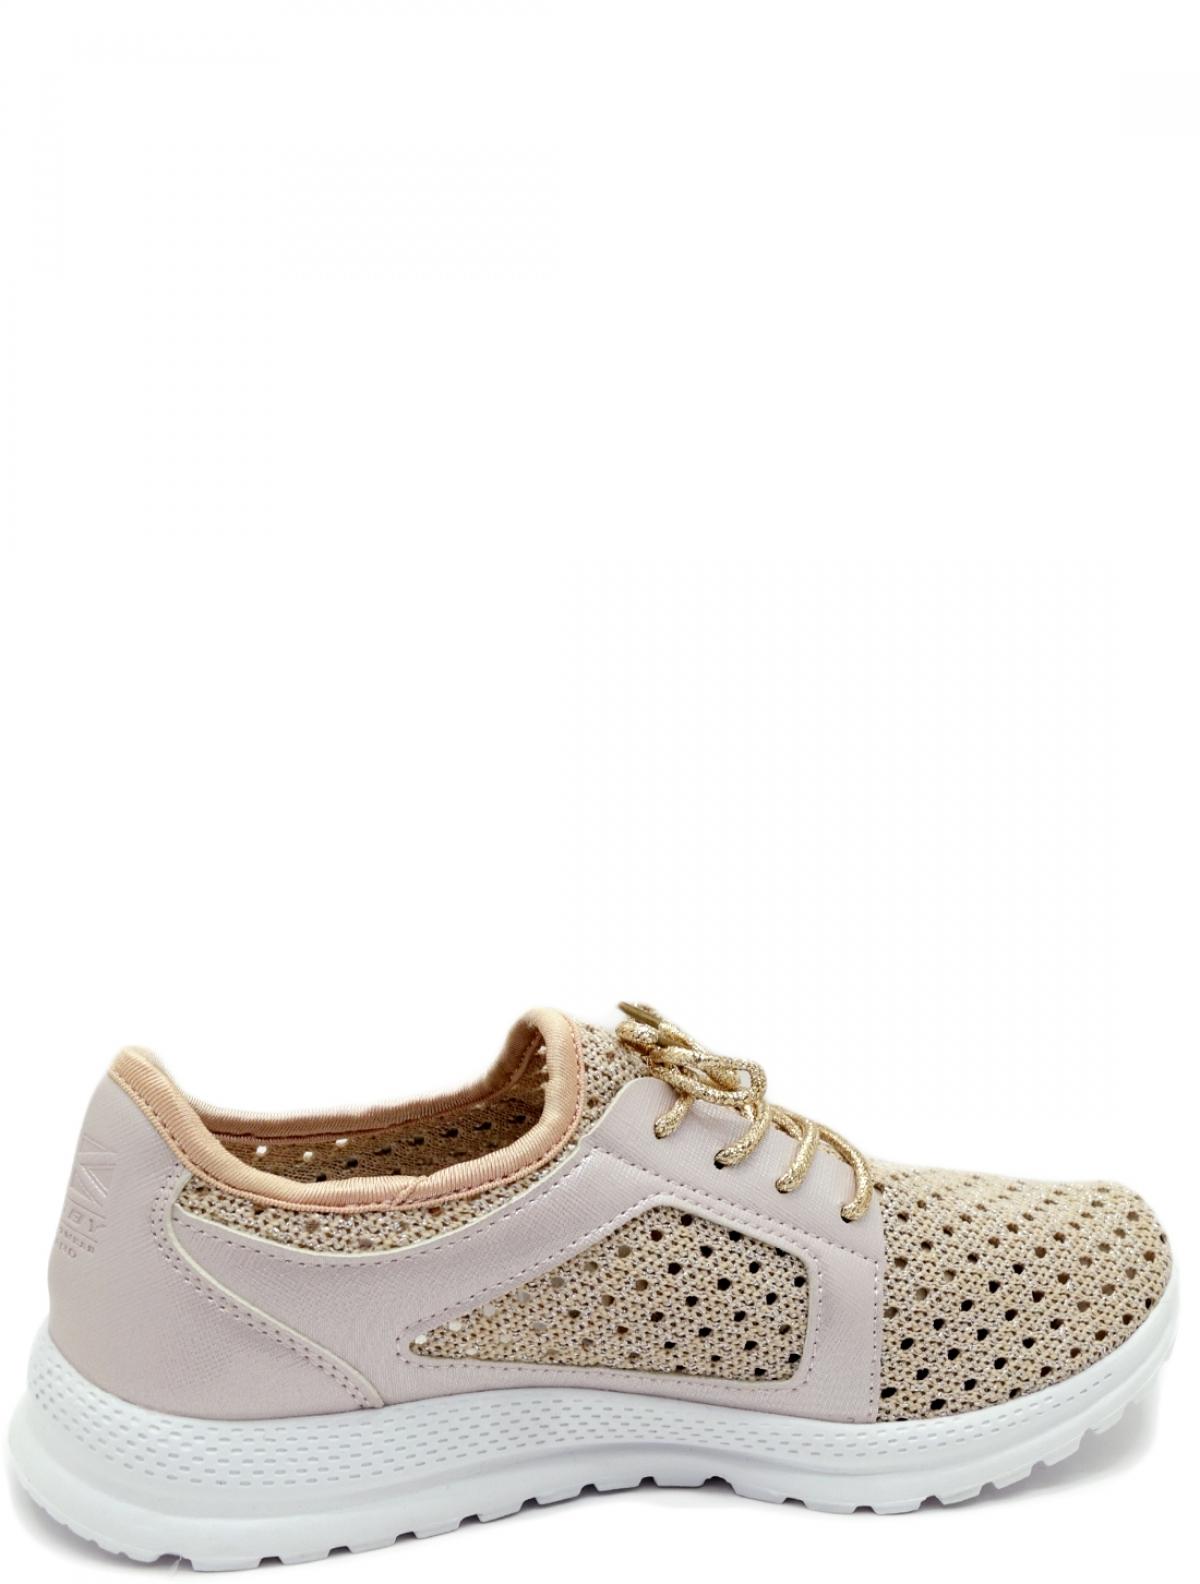 CROSBY 497377/01-02 женские кроссовки